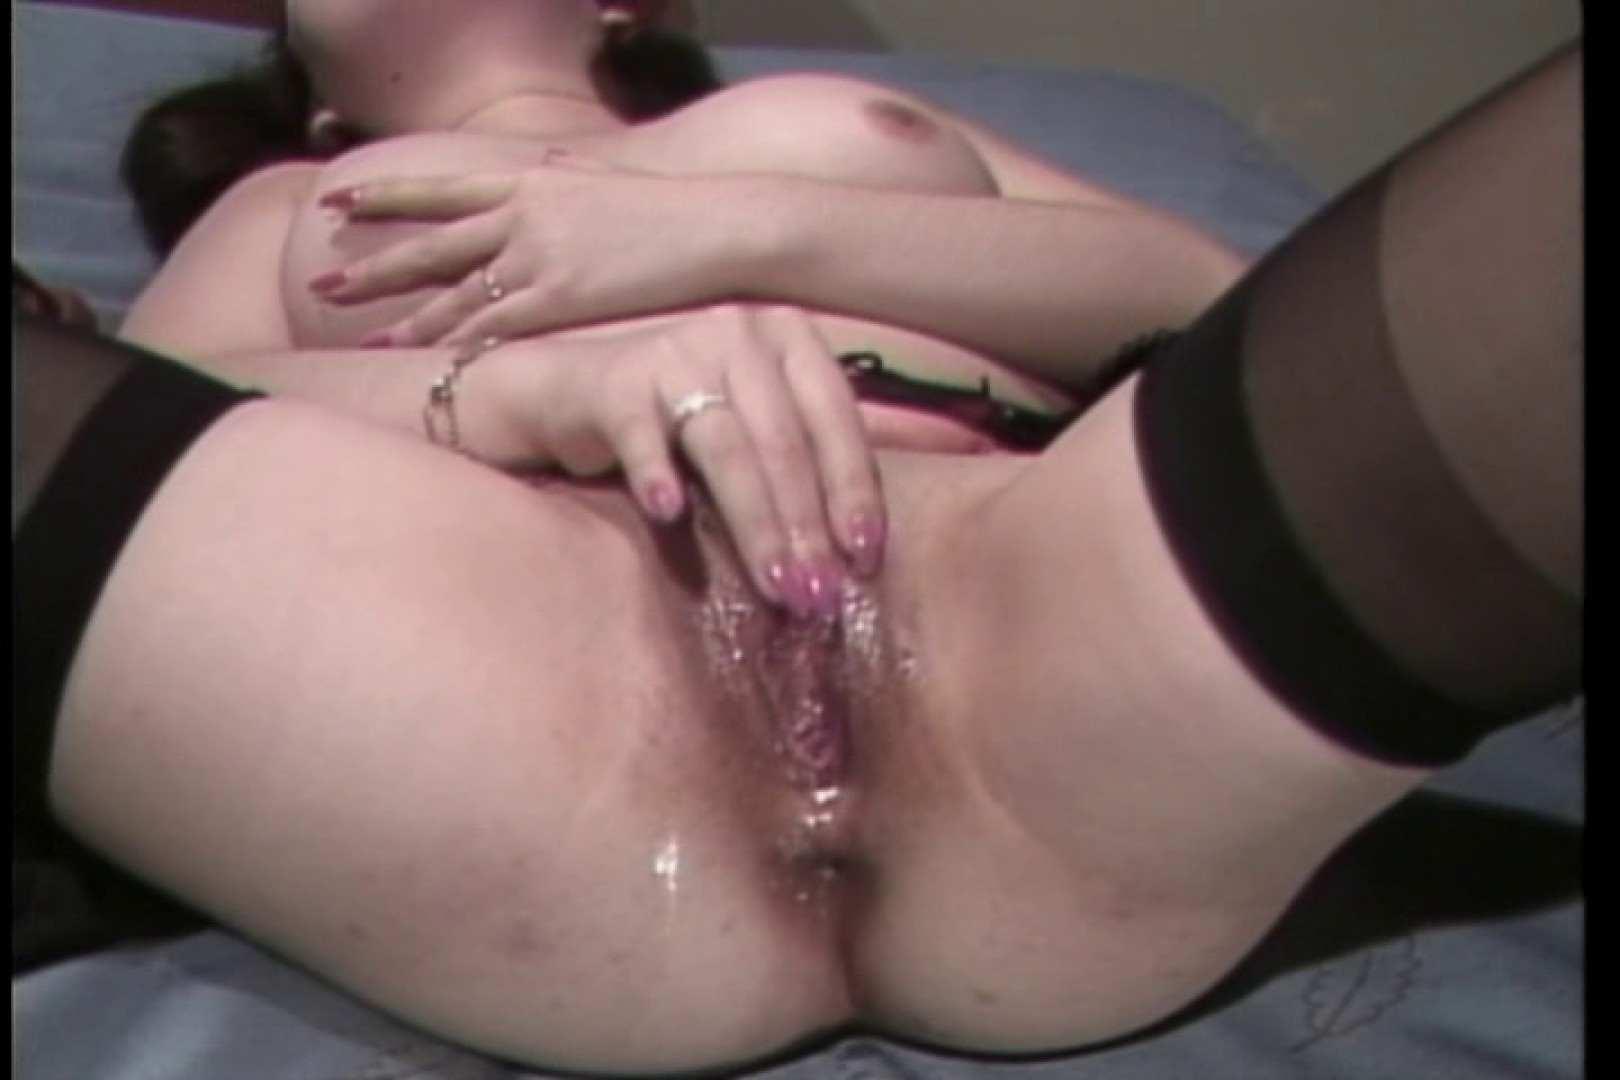 変態亜美のアブノーマルな世界・前編~夢野亜美~ オナニー特集   巨乳デカ乳  112画像 75